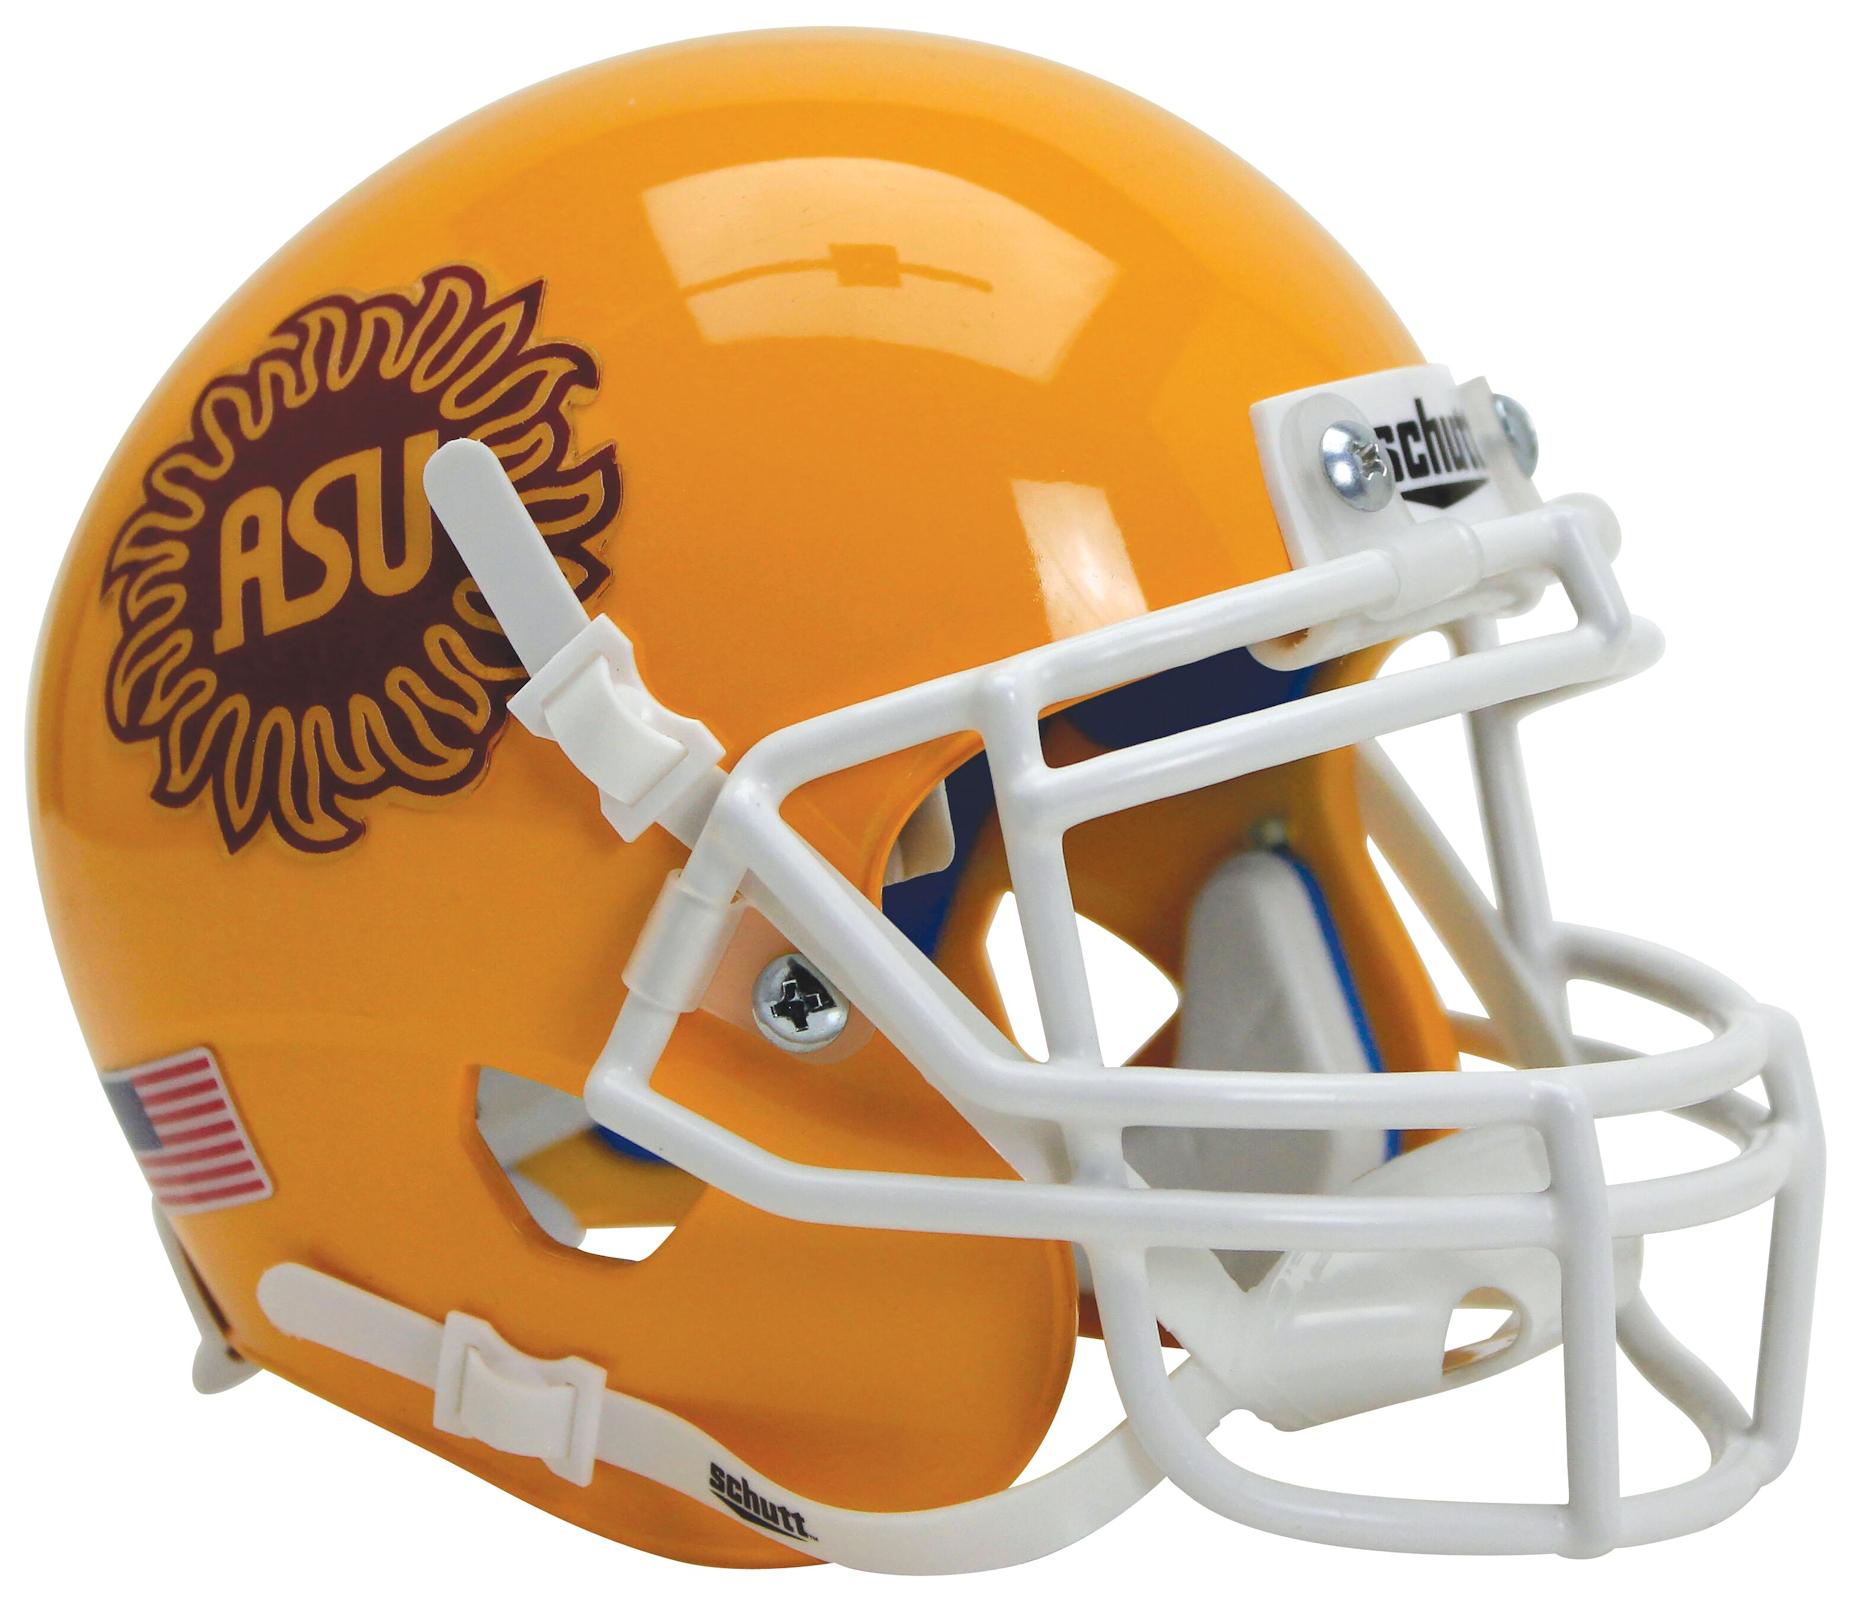 Arizona State Sun Devils Full XP Replica Football Helmet Schutt <B>Sunburst</B>